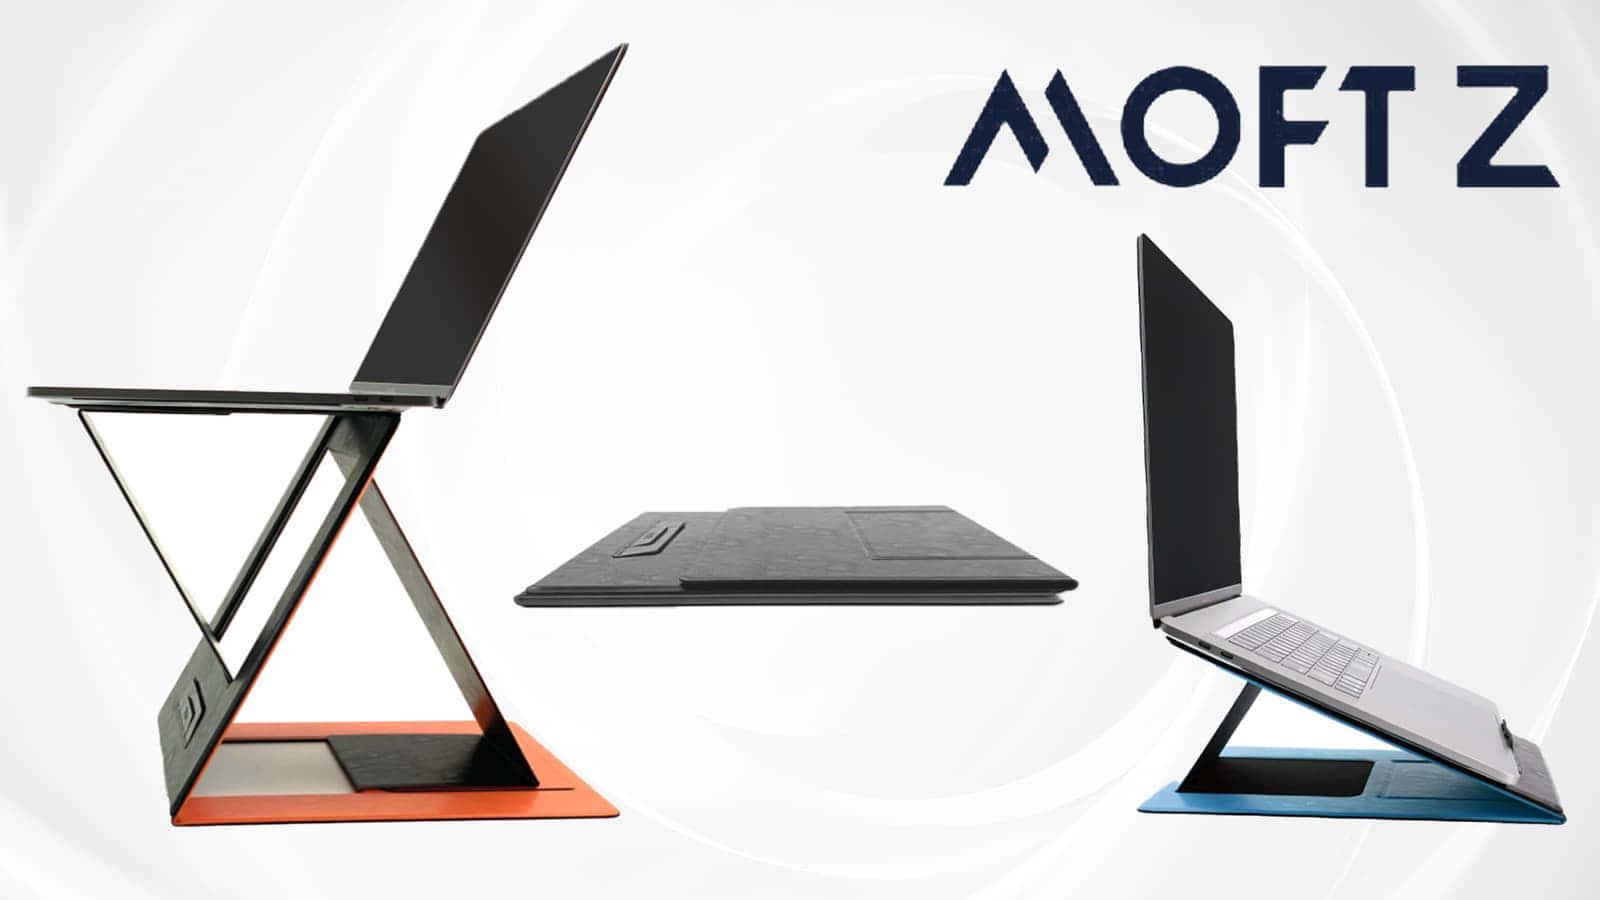 極薄・折り畳みできるポータブルスタンド「MOFT Z」、場所を選ばない5変形が魅力